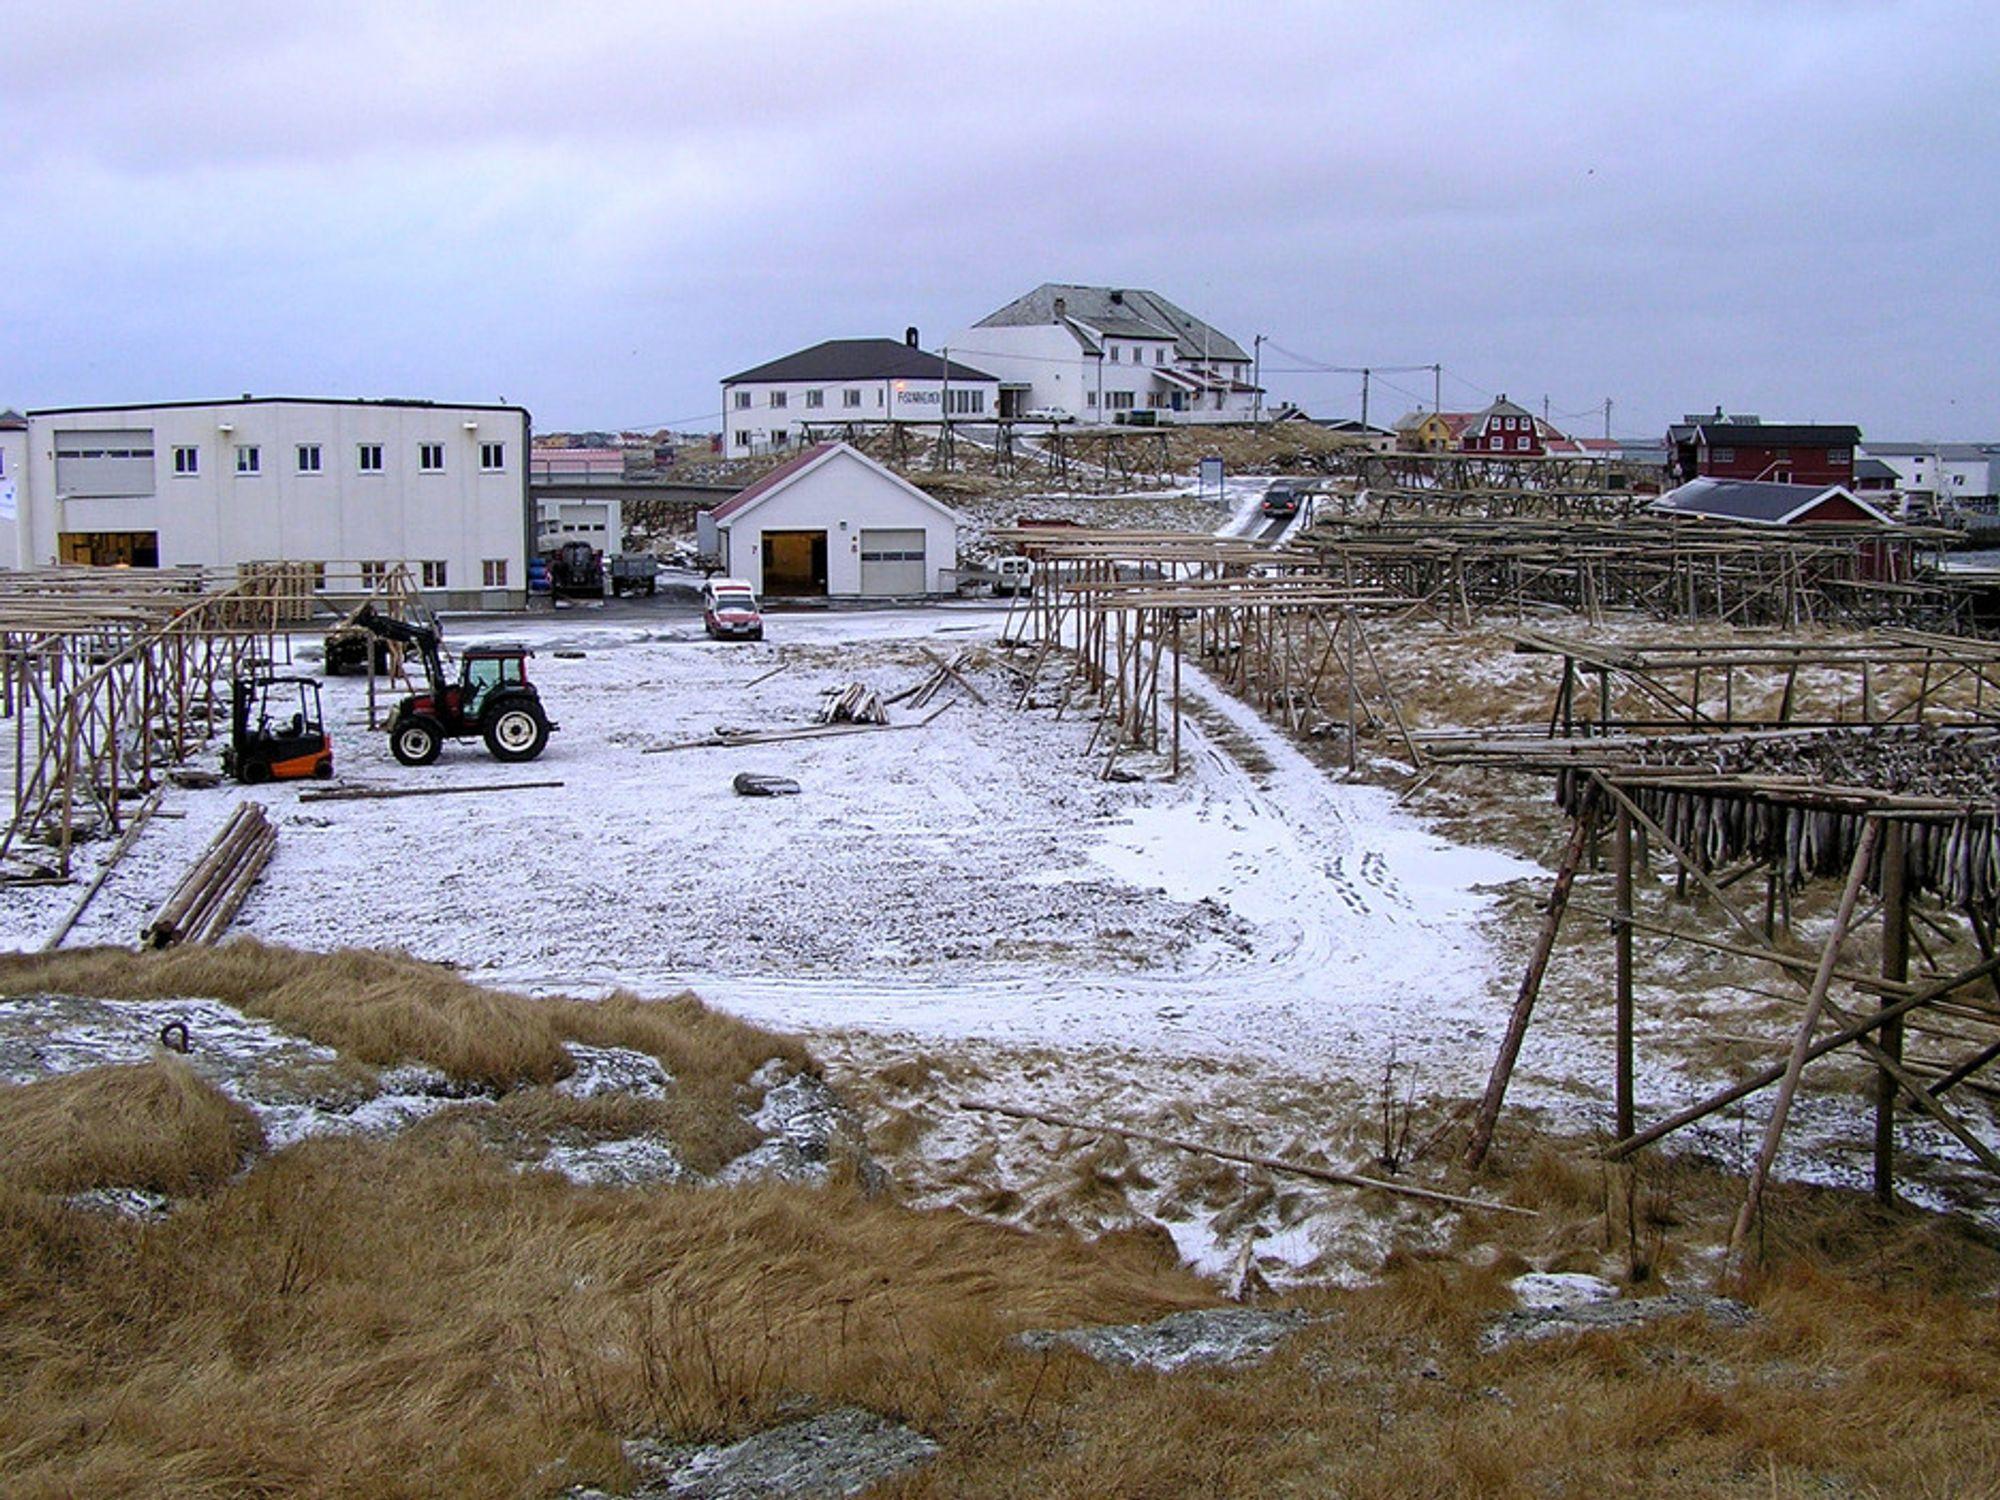 Oppstillingsplassen til det nye fergeleiet på Røst vil ligge til høyre på bildet. Atskillige kvadratmeter med tomt som i dag okkuperes av fiskehjeller må innløses for å gi plass til oppstillingsplassen. (Foto: Statens Vegvesen)